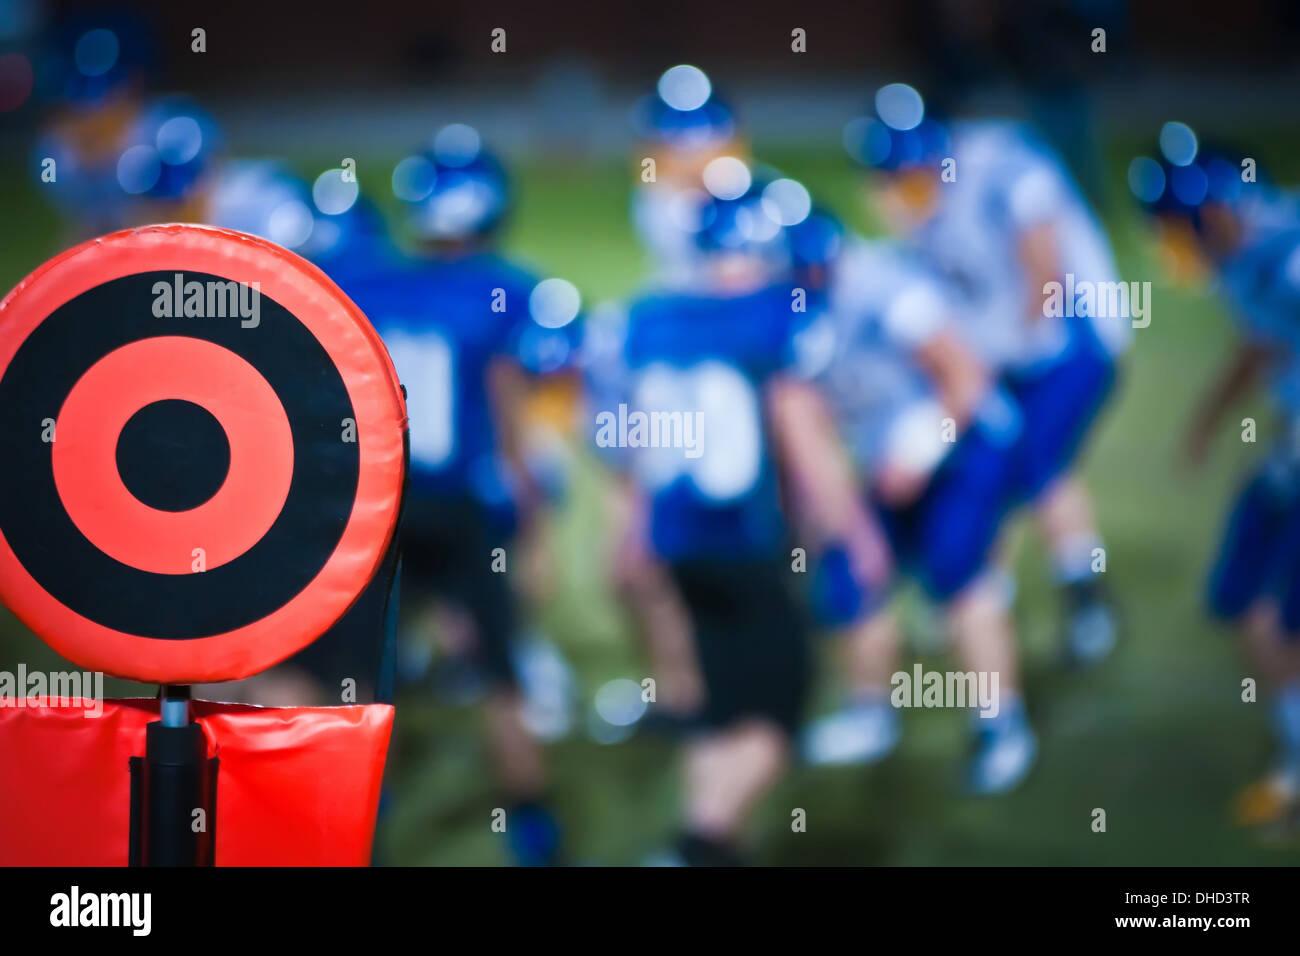 Marqueur de touche de football Photo Stock